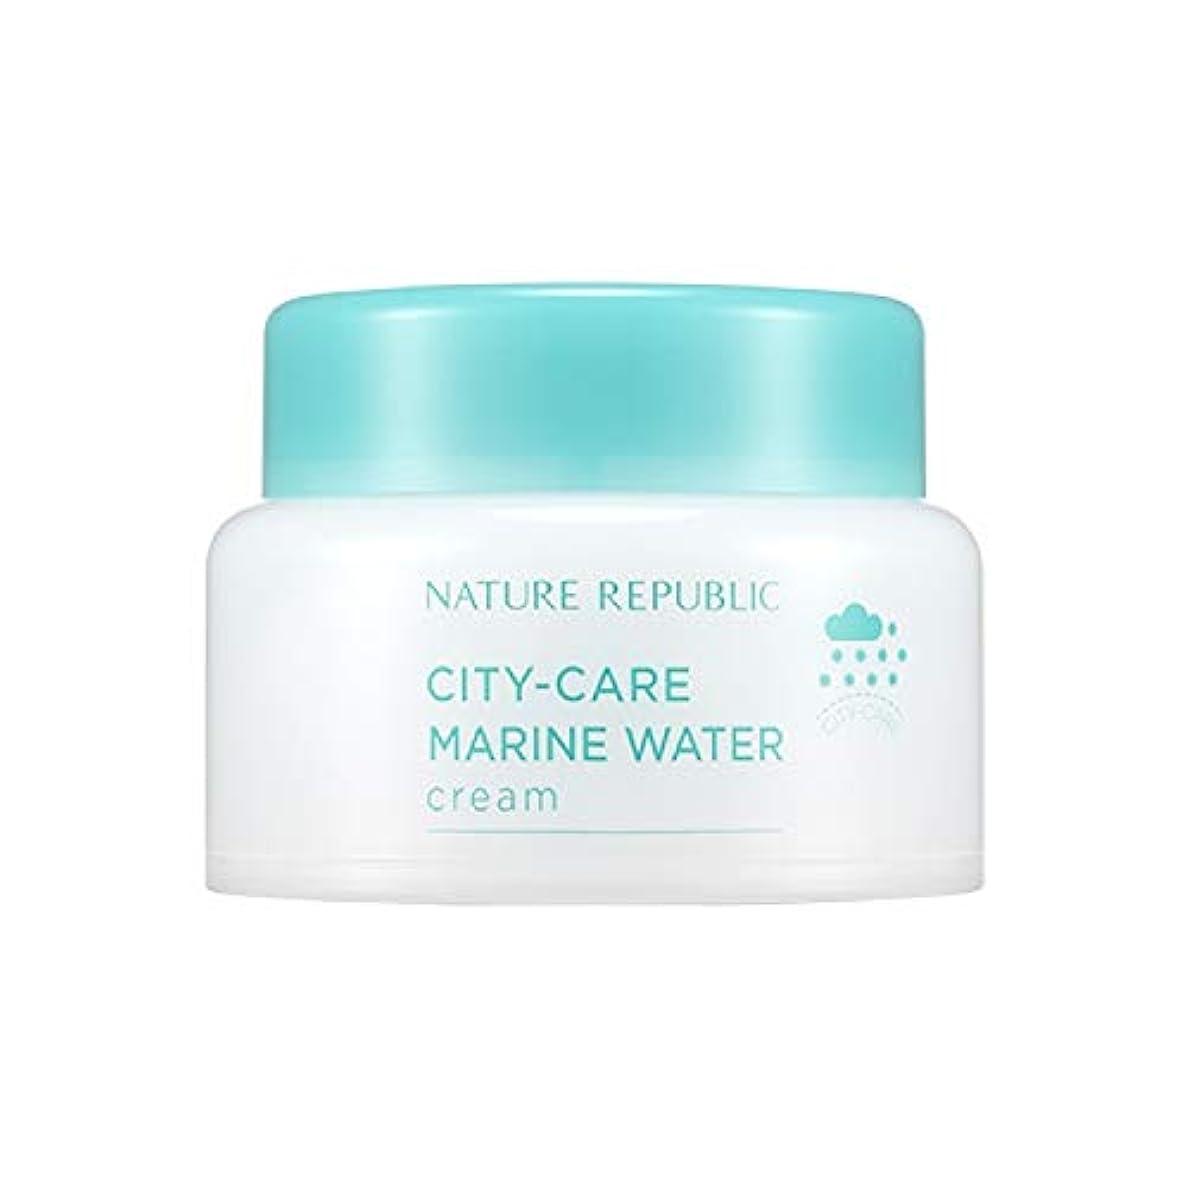 本物の情熱的外観ネイチャーリパブリック(Nature Republic)シティケアマリンウォータークリーム 50ml / City Care Marine Water Cream 50ml :: 韓国コスメ [並行輸入品]